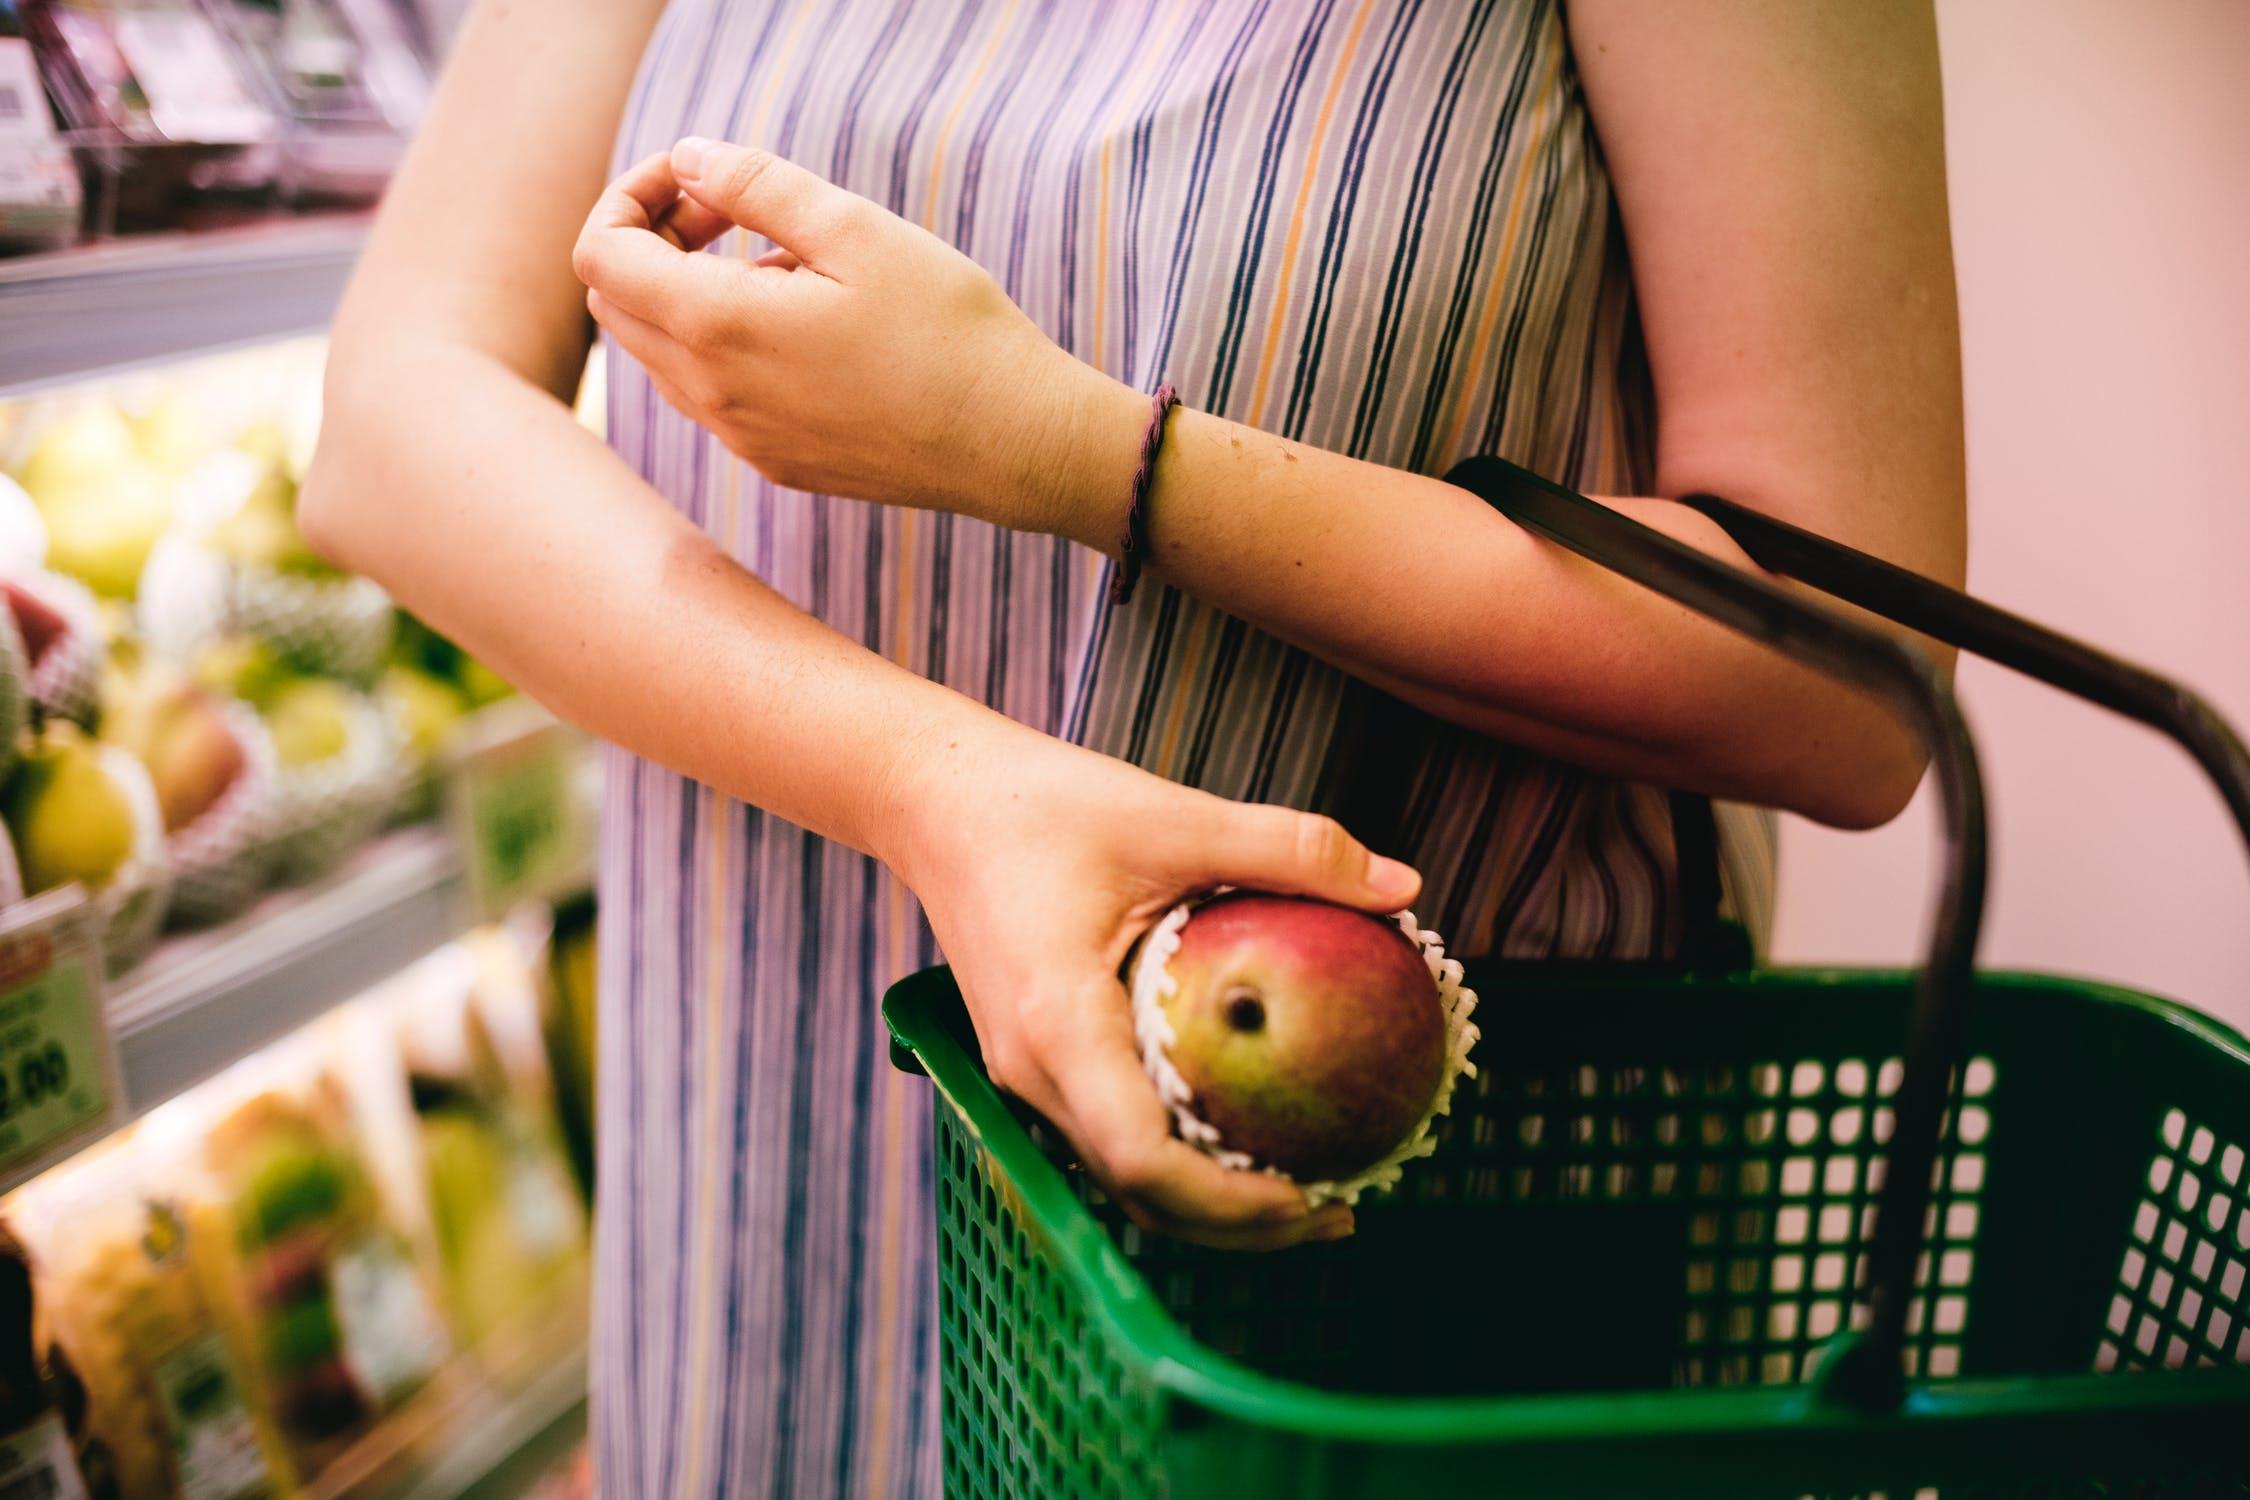 Gesundes Essen im Frühling mit Obst und Gemüse